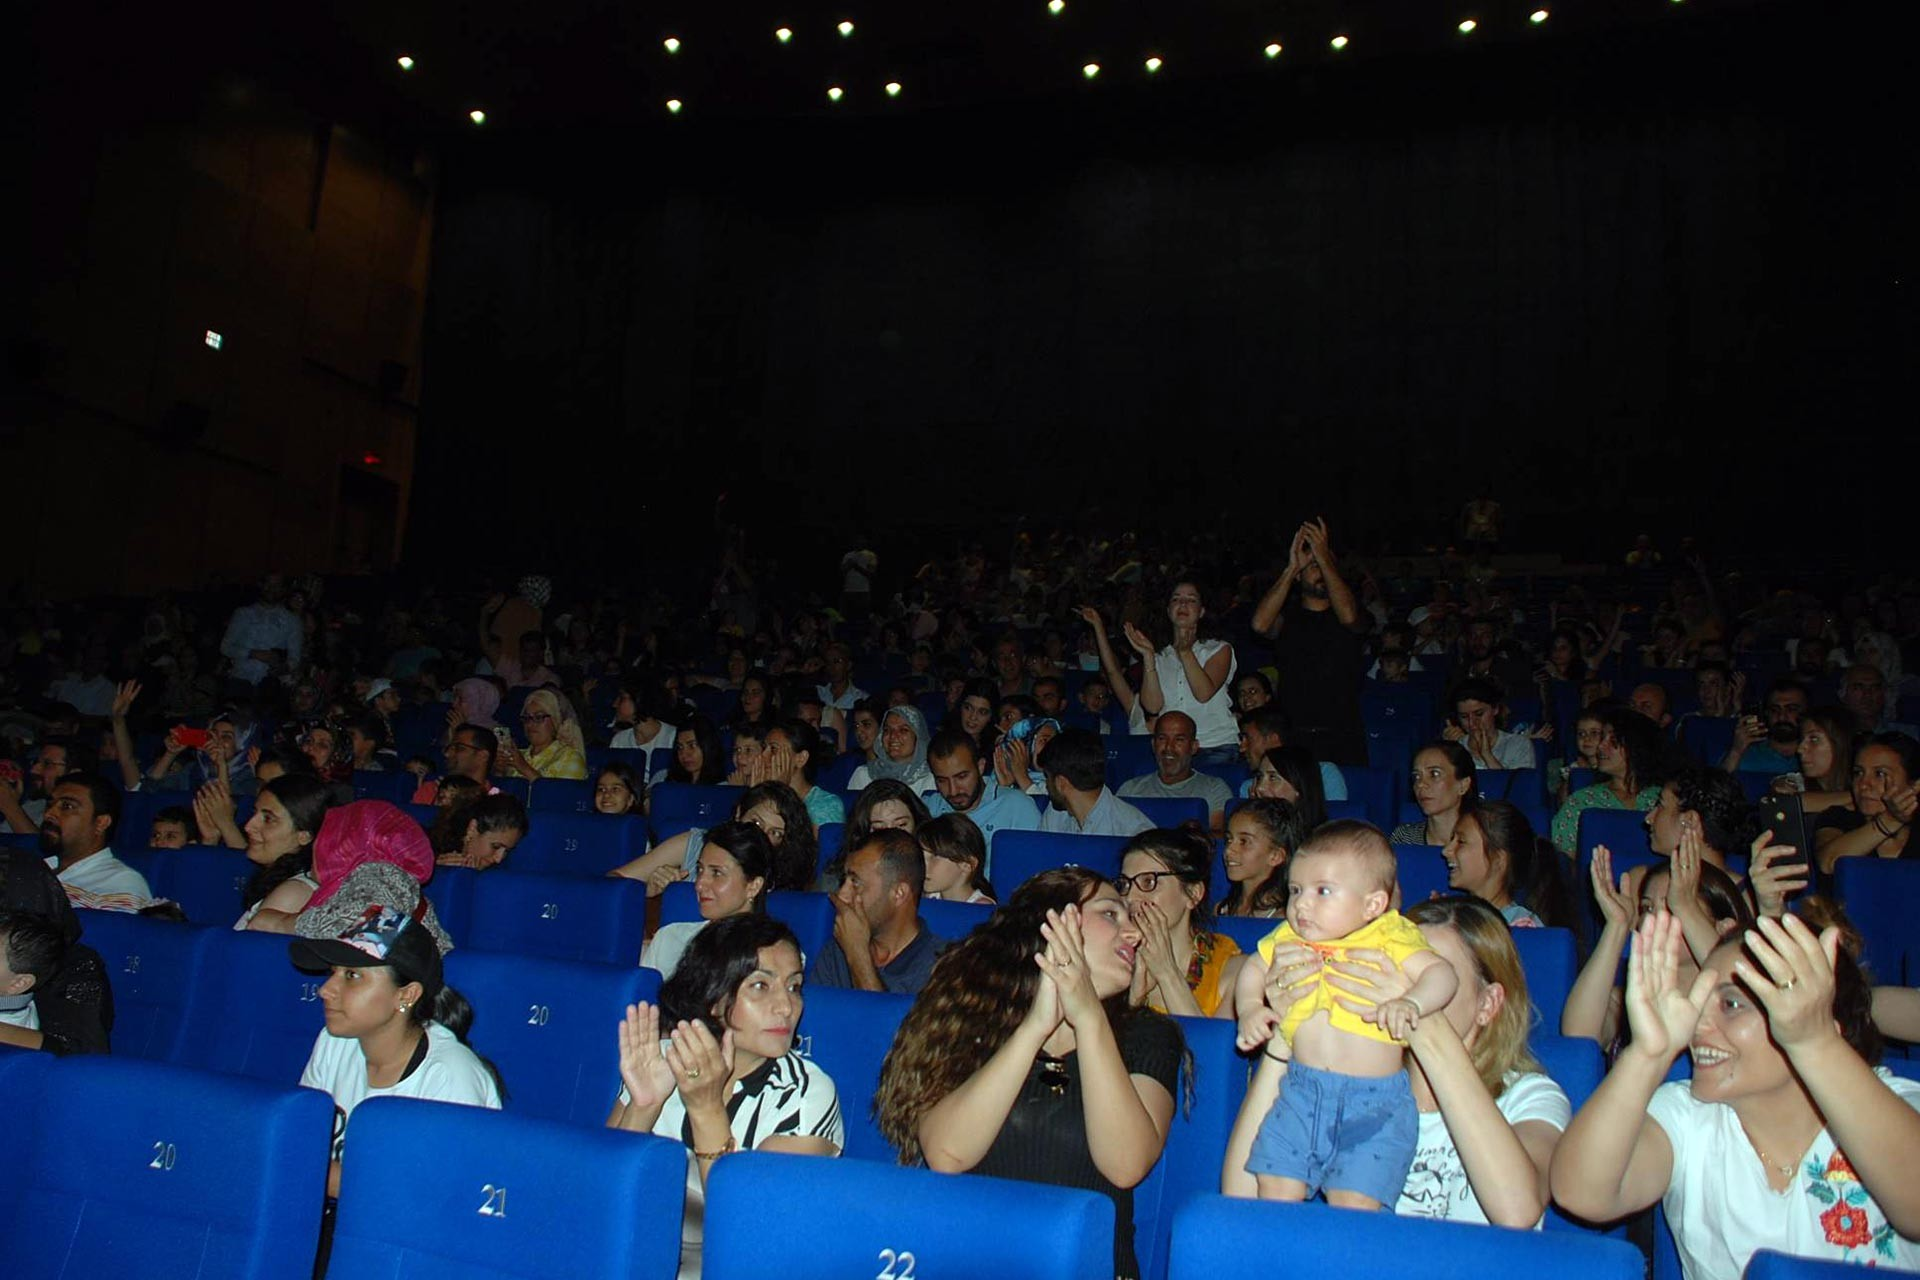 Diyarbakır'da düzenlenen Sur Çocuk Festivali, halkın büyük ilgisiyle karşılandı